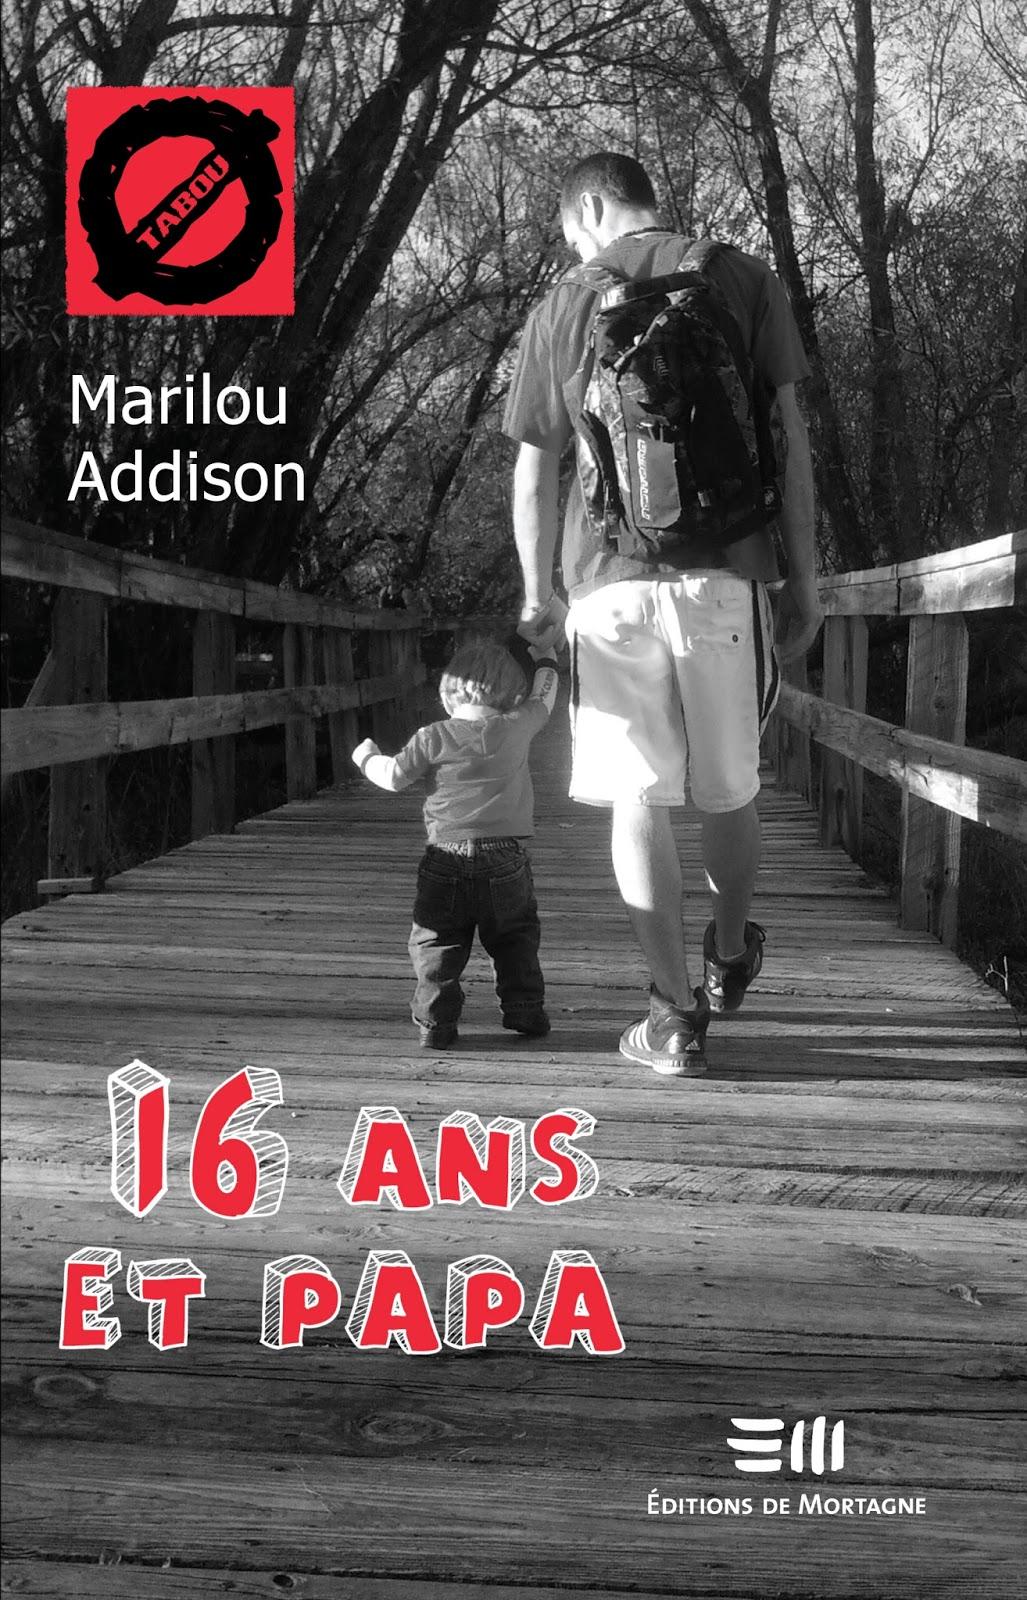 16 ans et papa - Marilou Addison